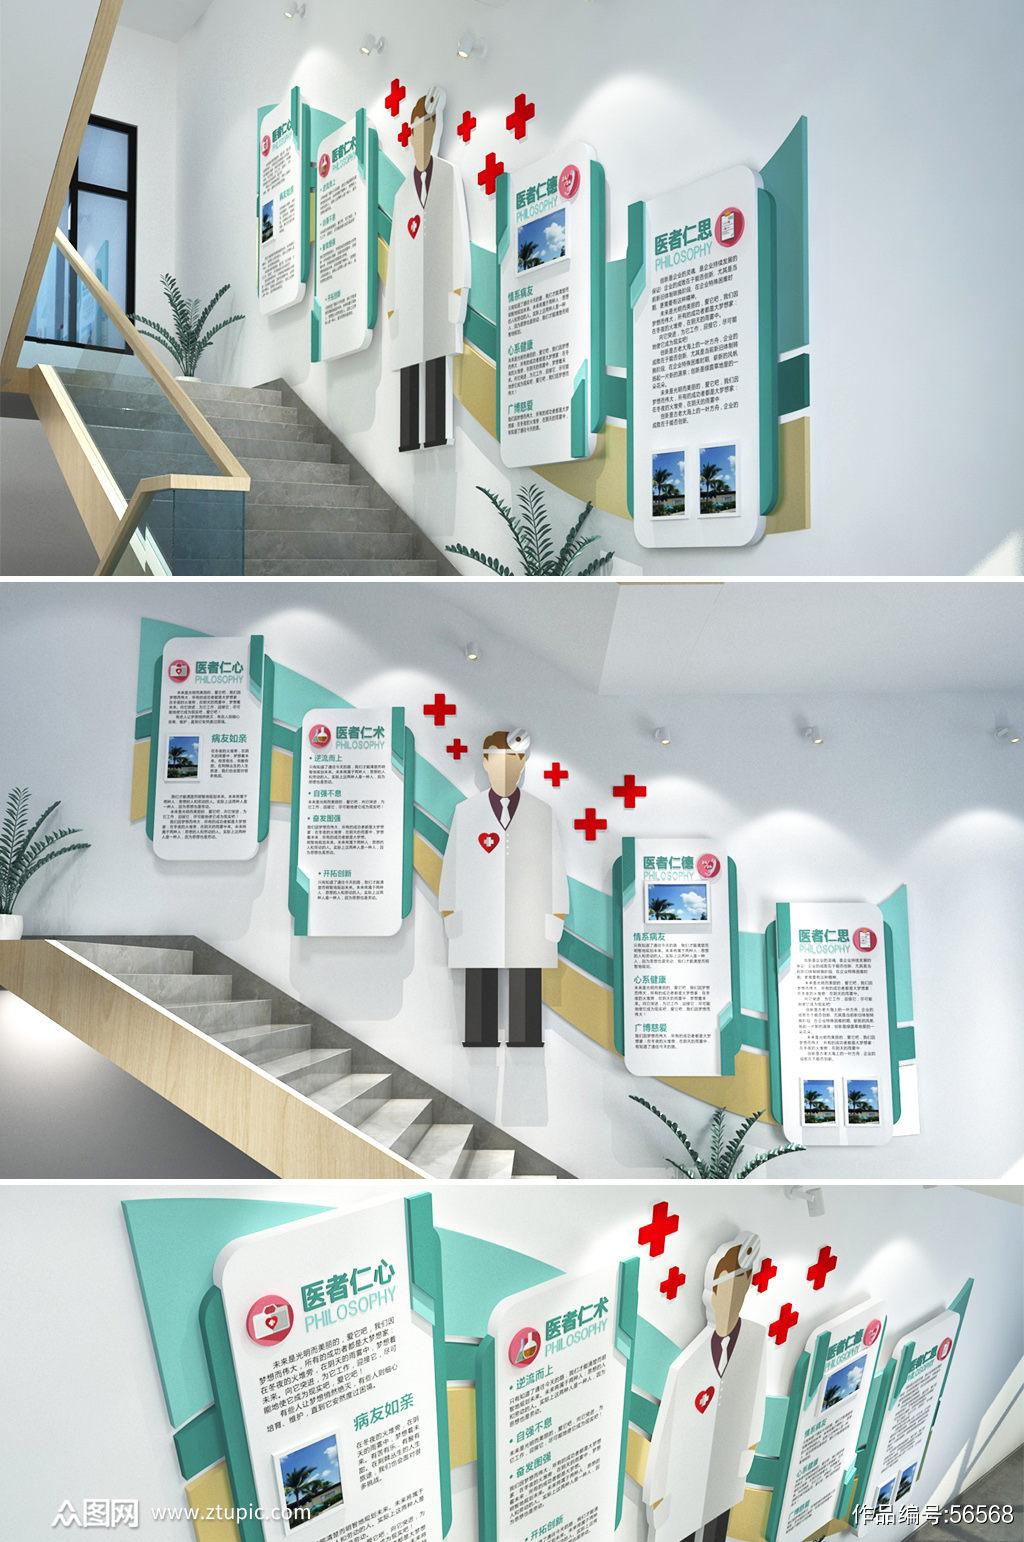 黄绿流线医院诊所 楼梯公共卫生服务宣传文化墙设计模板素材素材